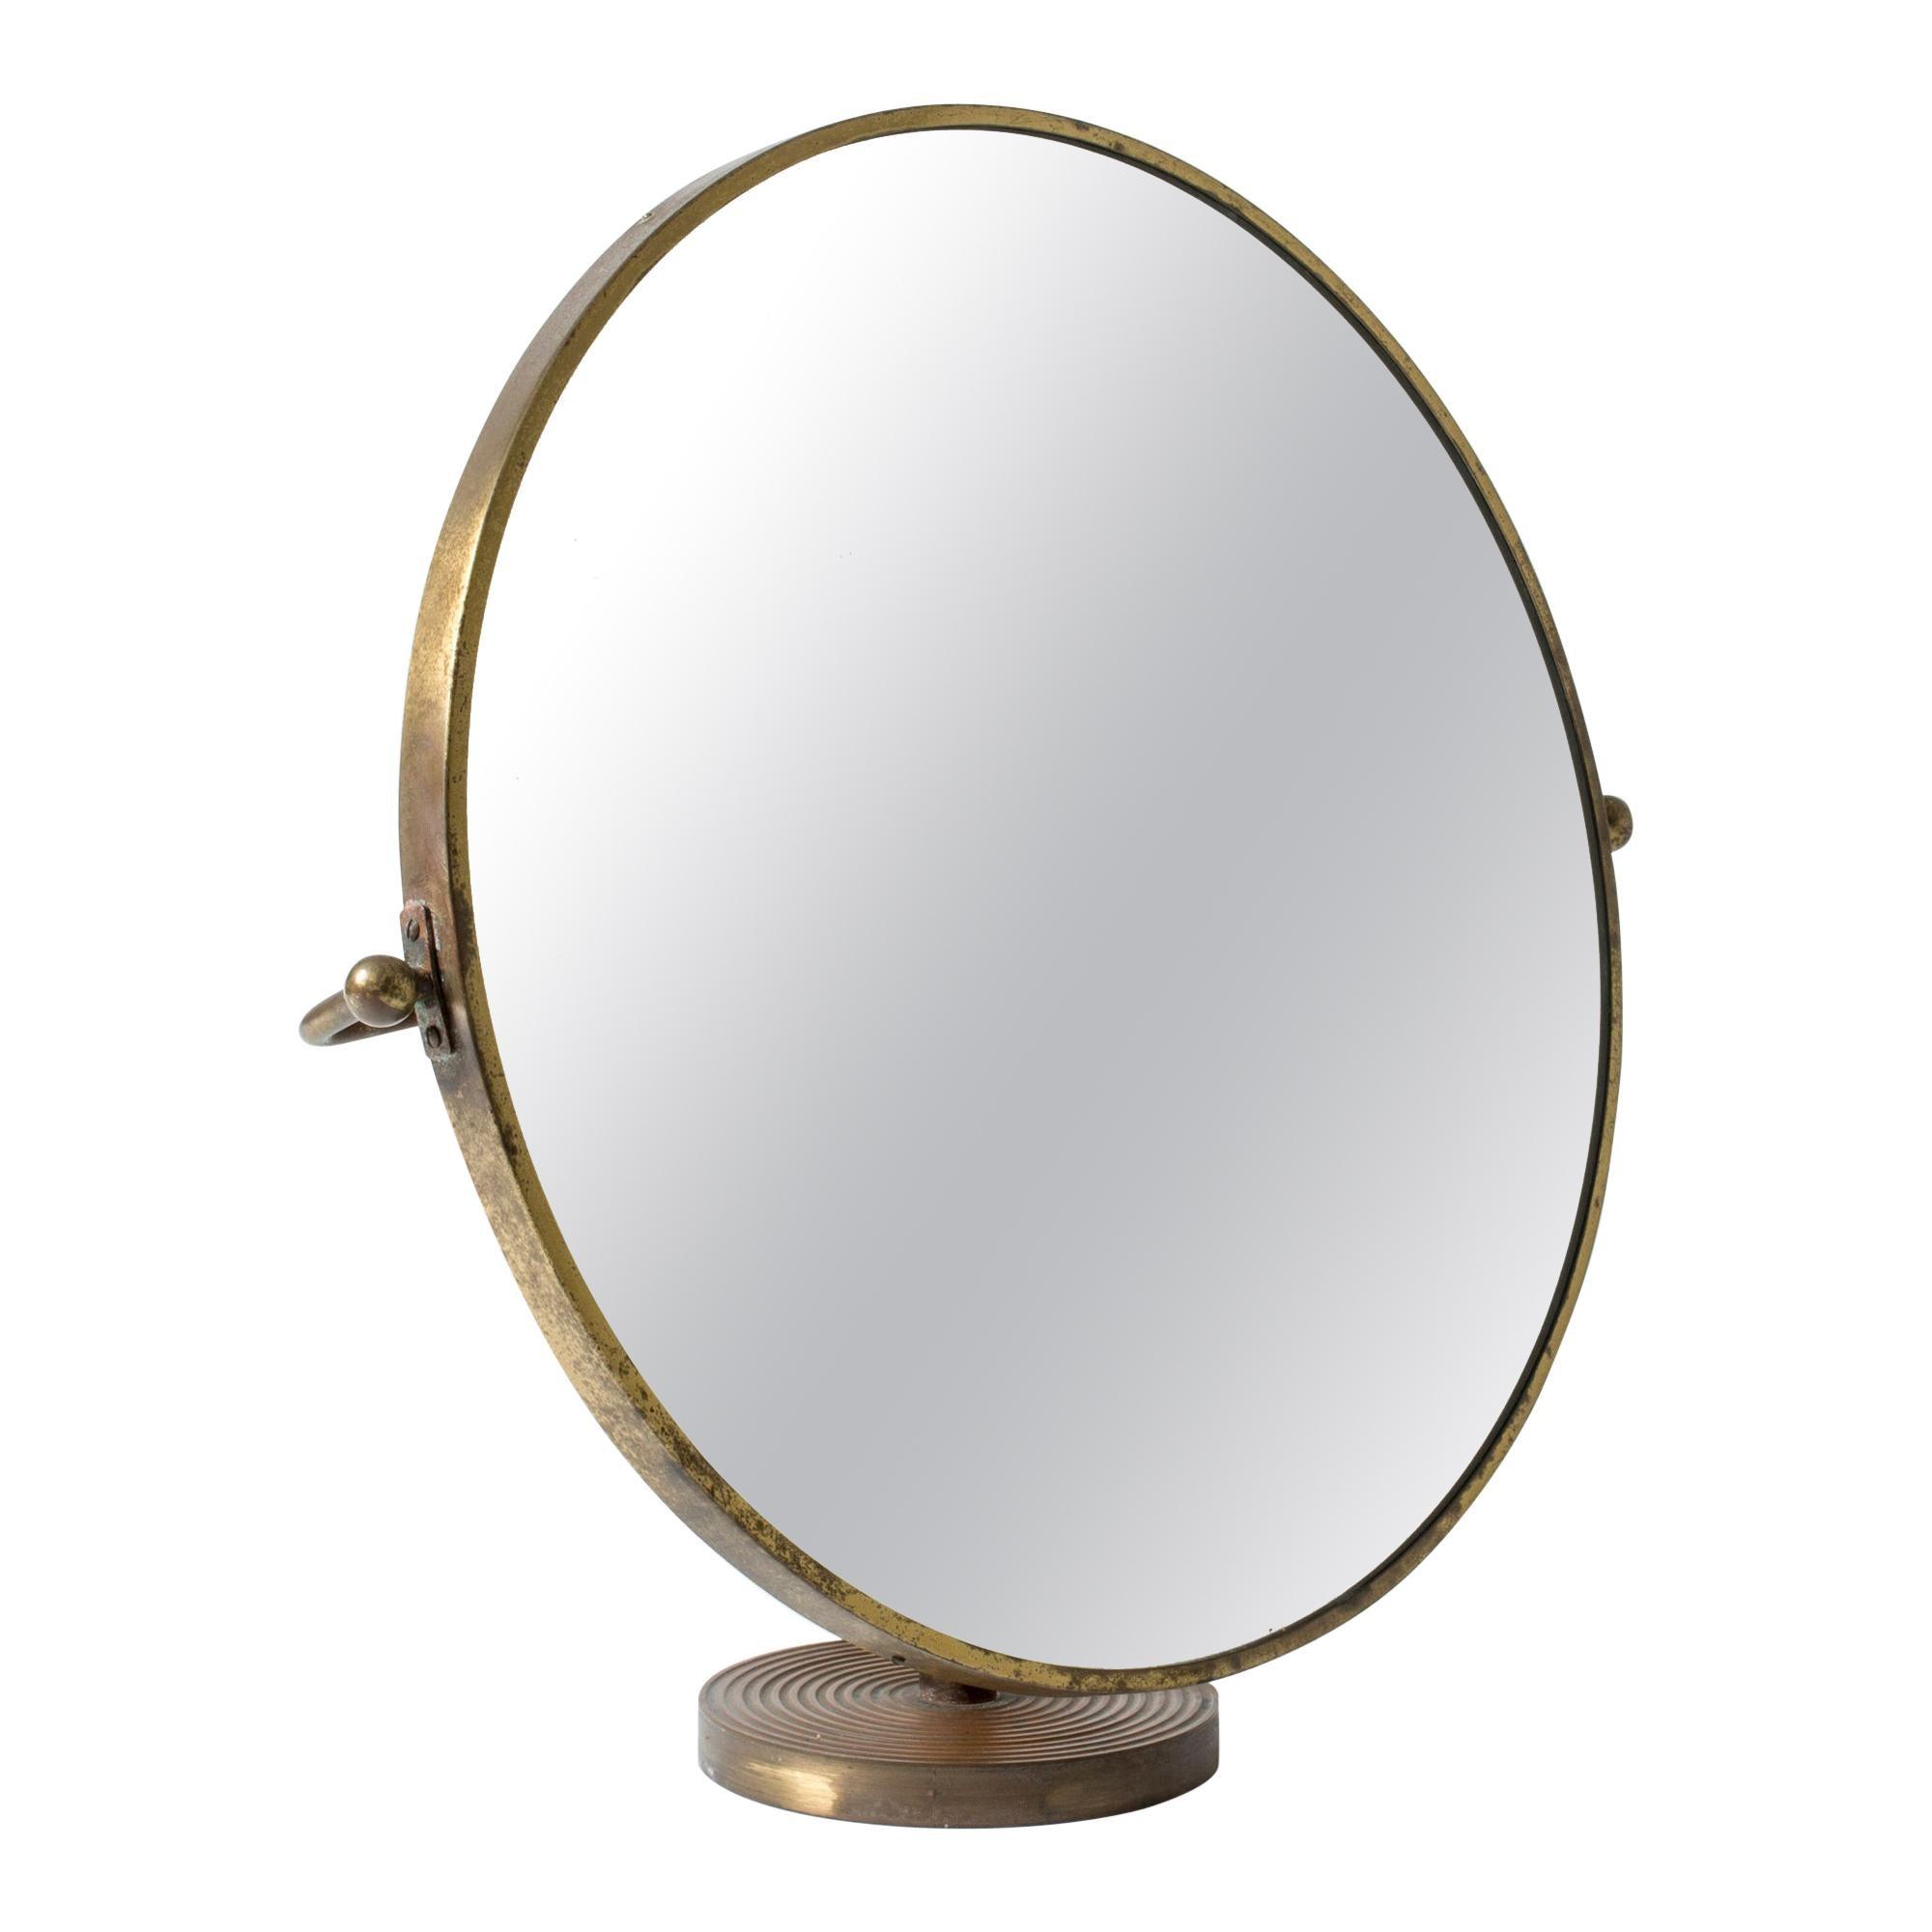 Brass Table Mirror by Josef Frank for Svenskt Tenn, Sweden, 1950s